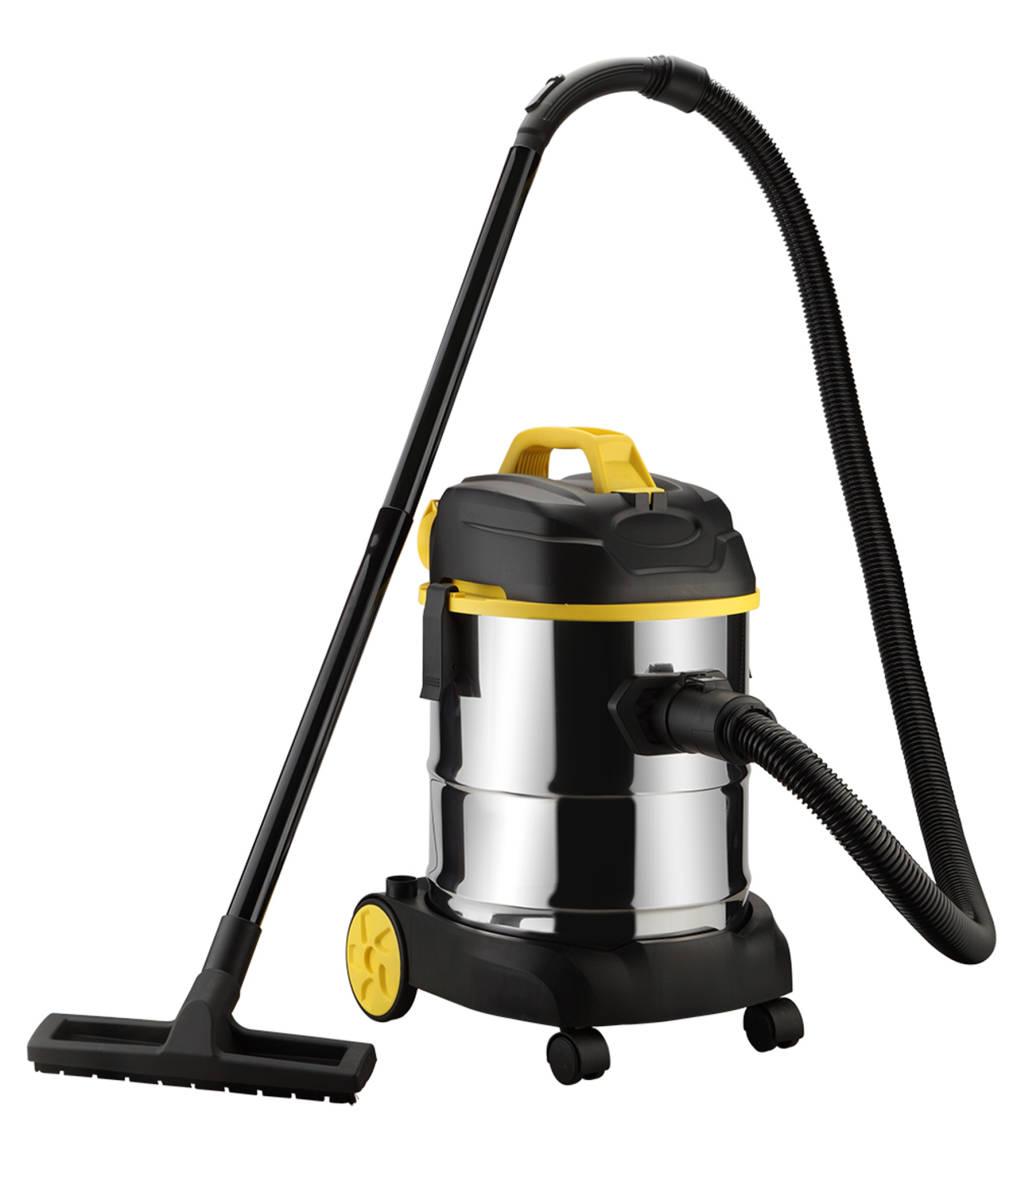 【限定1台】最新 業務用 家庭用 掃除機 大容量 20L 30L ノズルセット付 掃除 そうじ 清潔 アルミ スチーム バキュームクリーナー